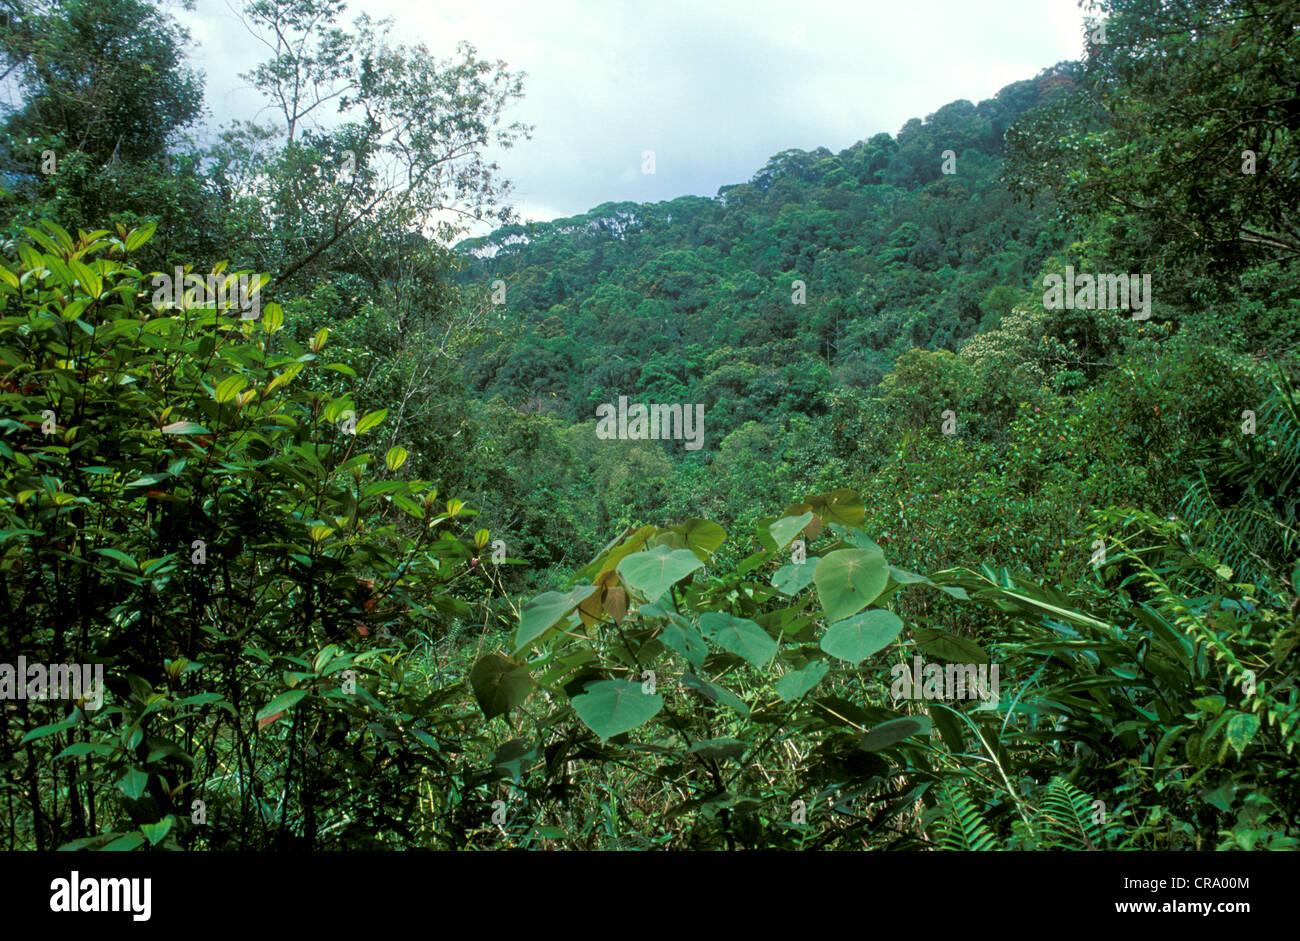 Les forêts tropicales dans la réserve forestière de Sinharaja, Sri Lanka Banque D'Images